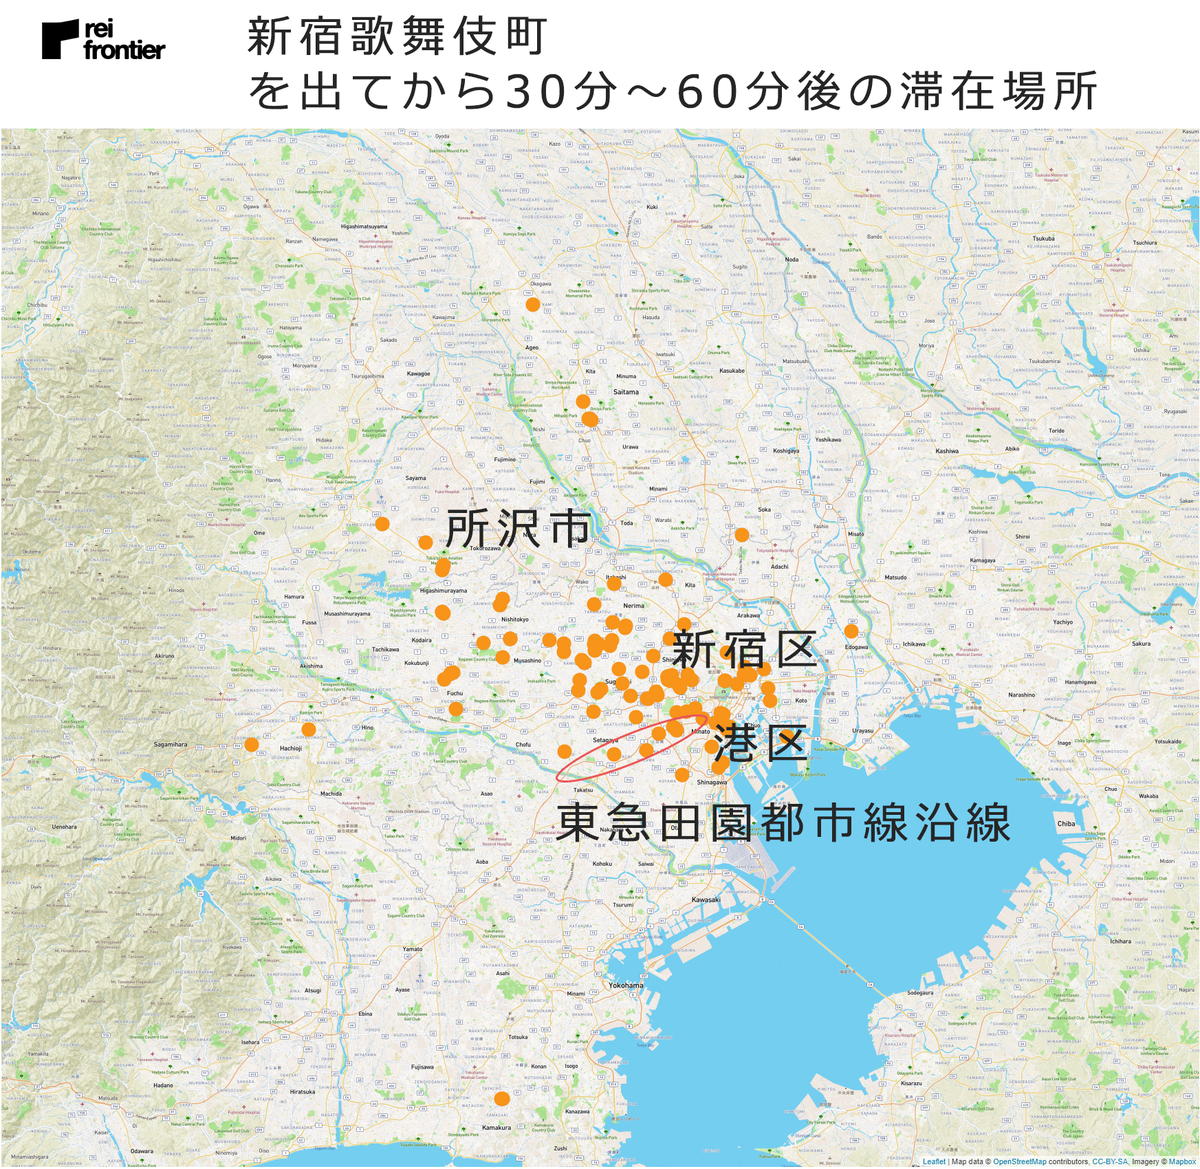 新宿歌舞伎町を出てから30分~60分後の滞在場所